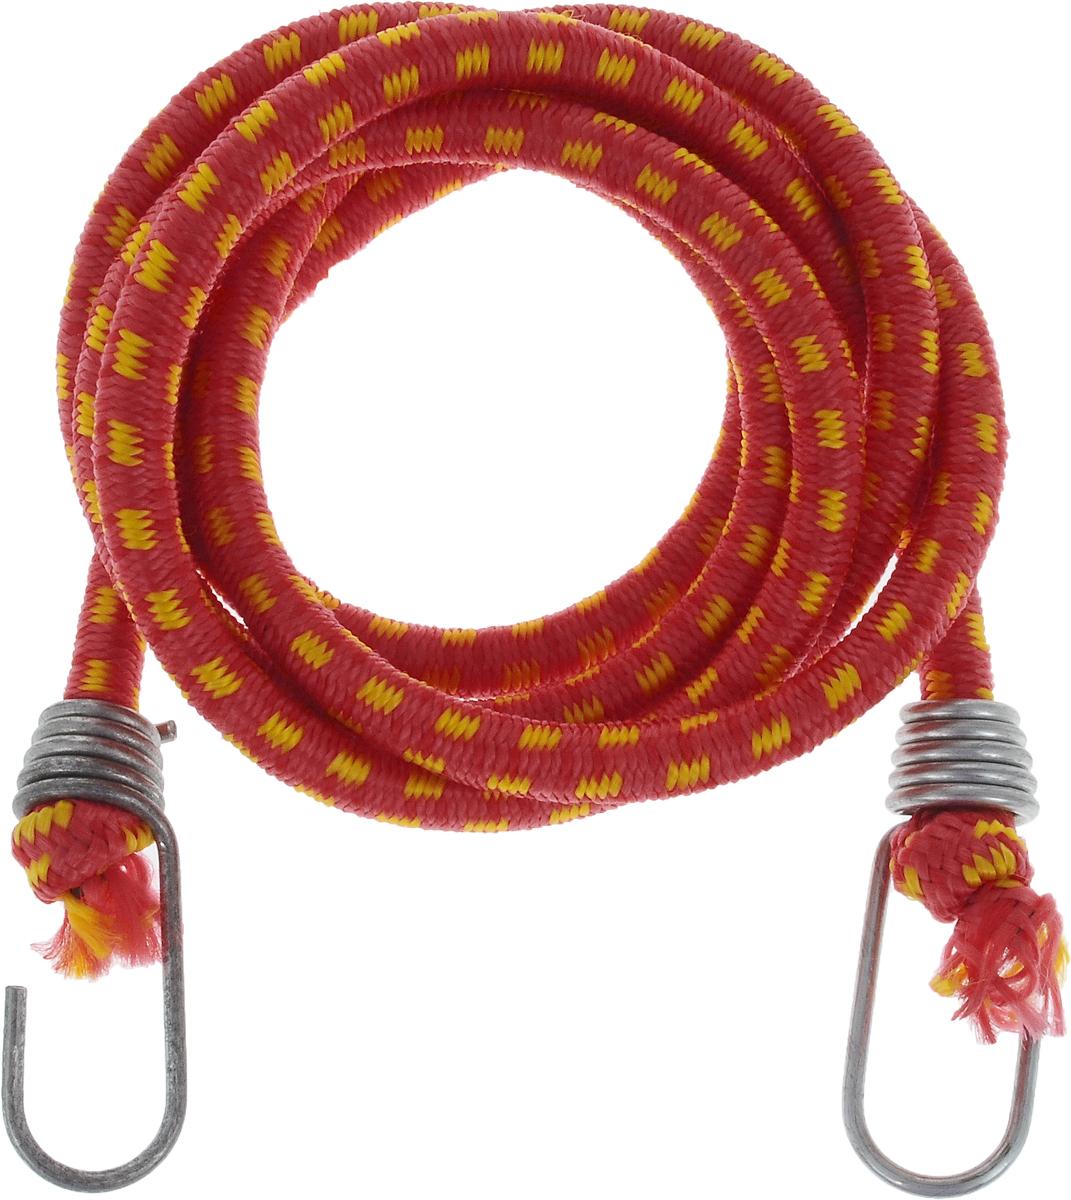 Резинка багажная МастерПроф, с крючками, цвет: красный, желтый, 1 х 190 смАС.020027_красный, желтыйБагажная резинка МастерПроф, выполненная из синтетического каучука, оснащена специальными металлическими крюками, которые обеспечивают прочное крепление и не допускают смещения груза во время его перевозки. Изделие применяется для закрепления предметов к багажнику. Такая резинка позволит зафиксировать как небольшой груз, так и довольно габаритный.Температура использования: -15°C до +50°C.Безопасное удлинение: 60%.Толщина резинки: 1 см.Длина резинки: 190 см.